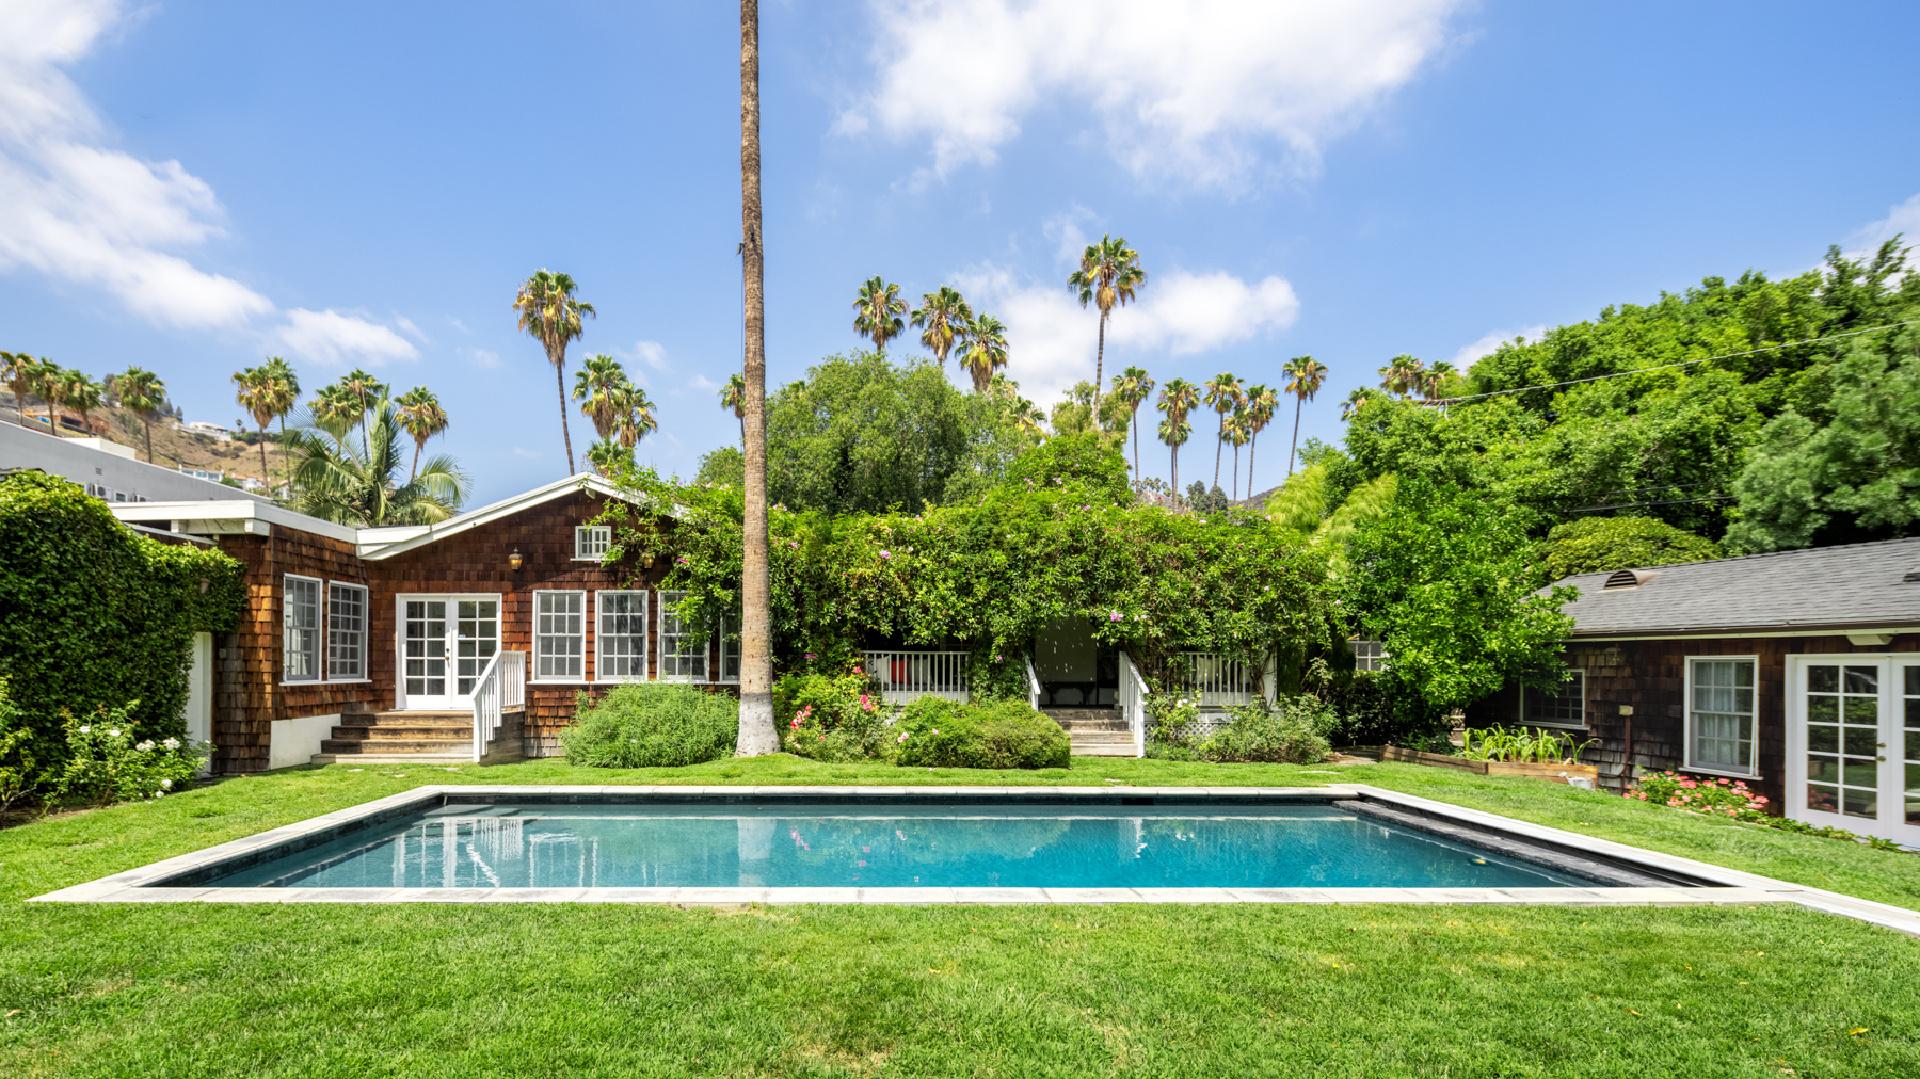 1640 N. Genesee Avenue     |     Sunset Square Los Angeles CA  | Jonah Wilson